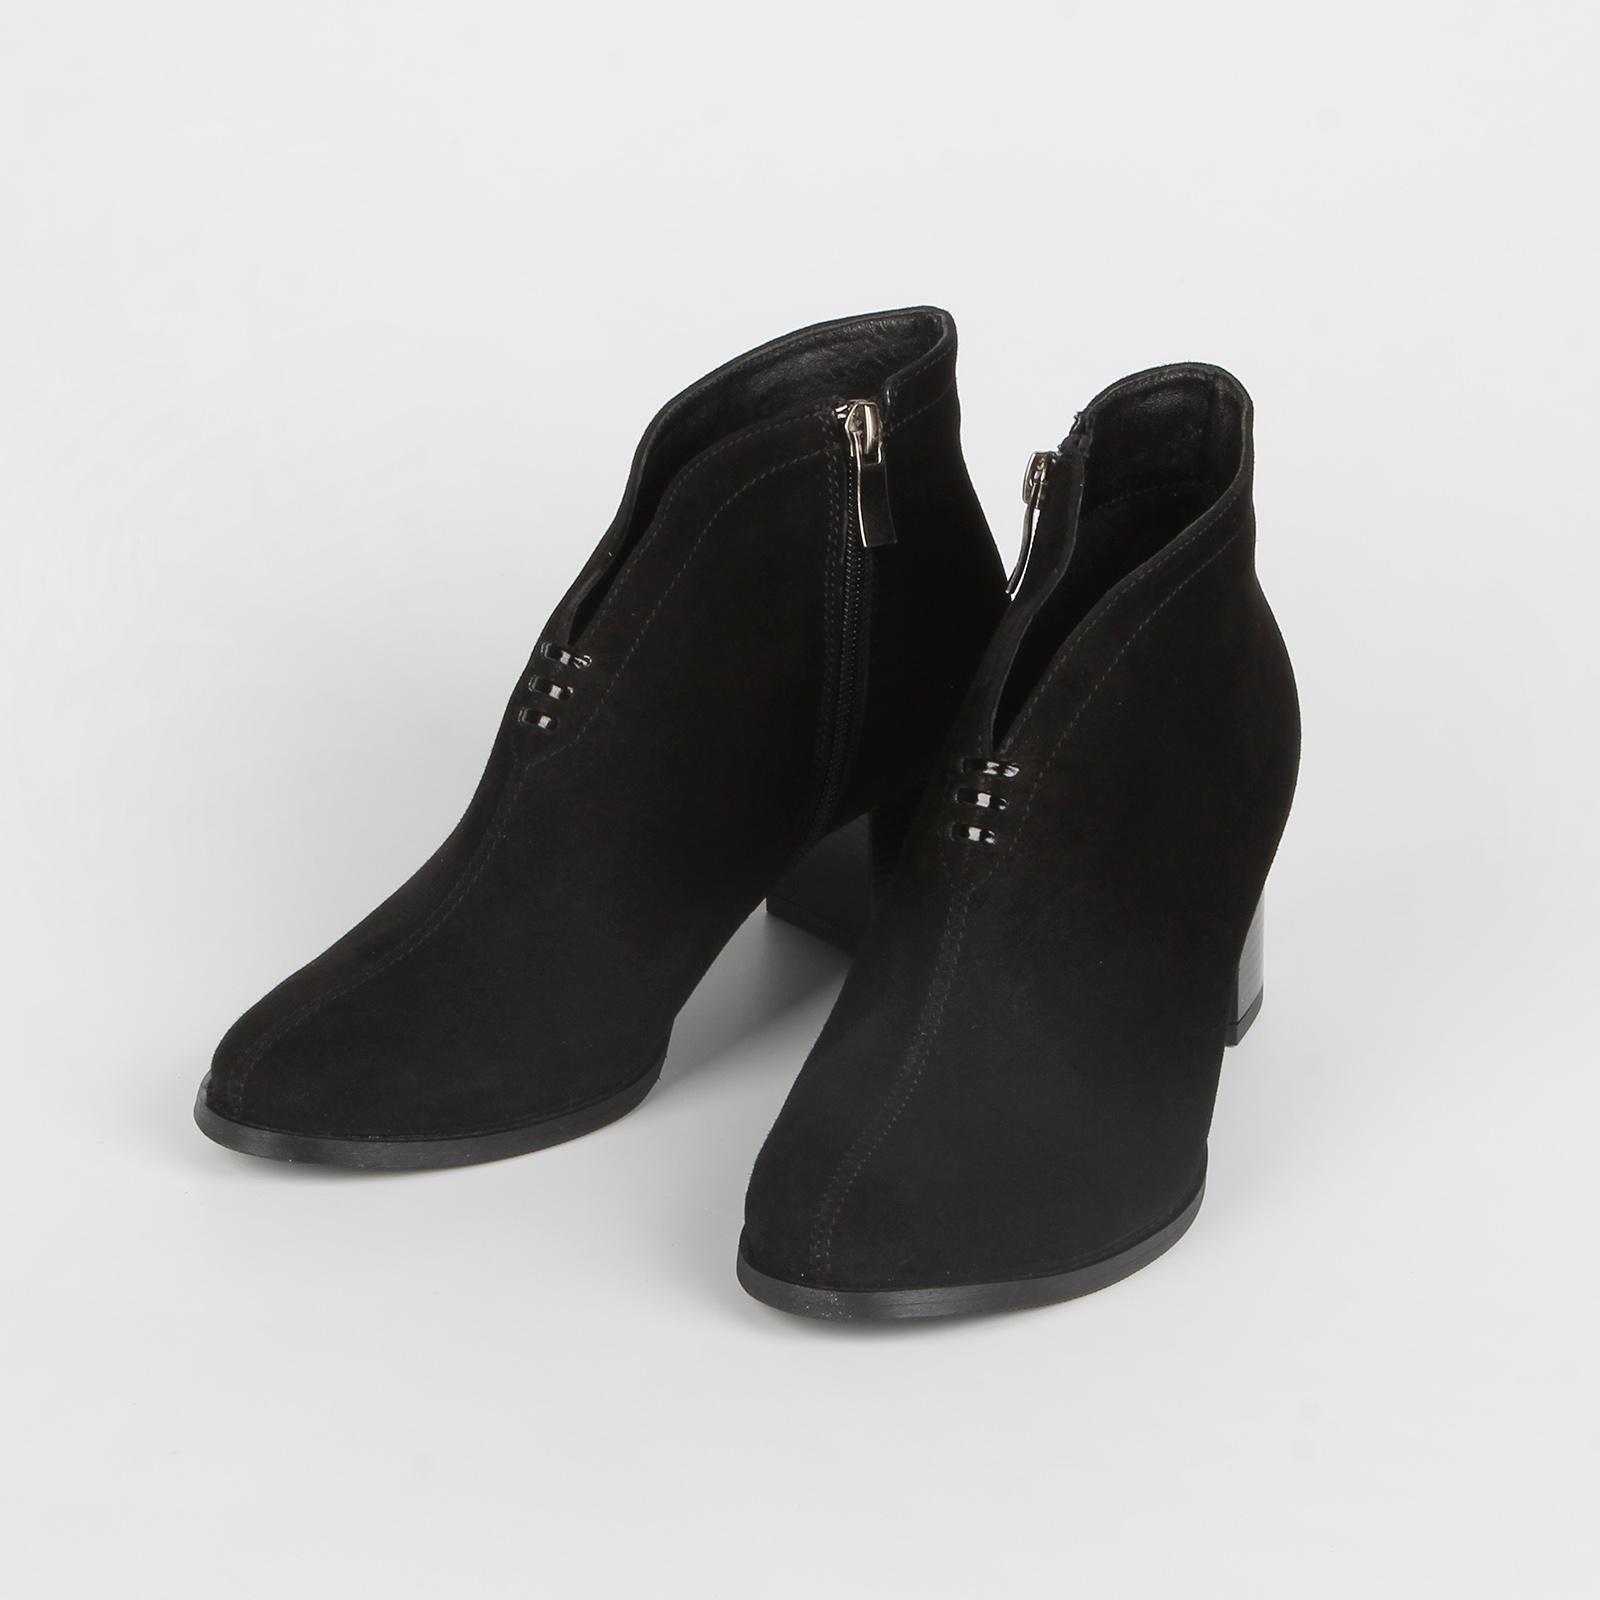 Ботильоны женские с высоким каблуком